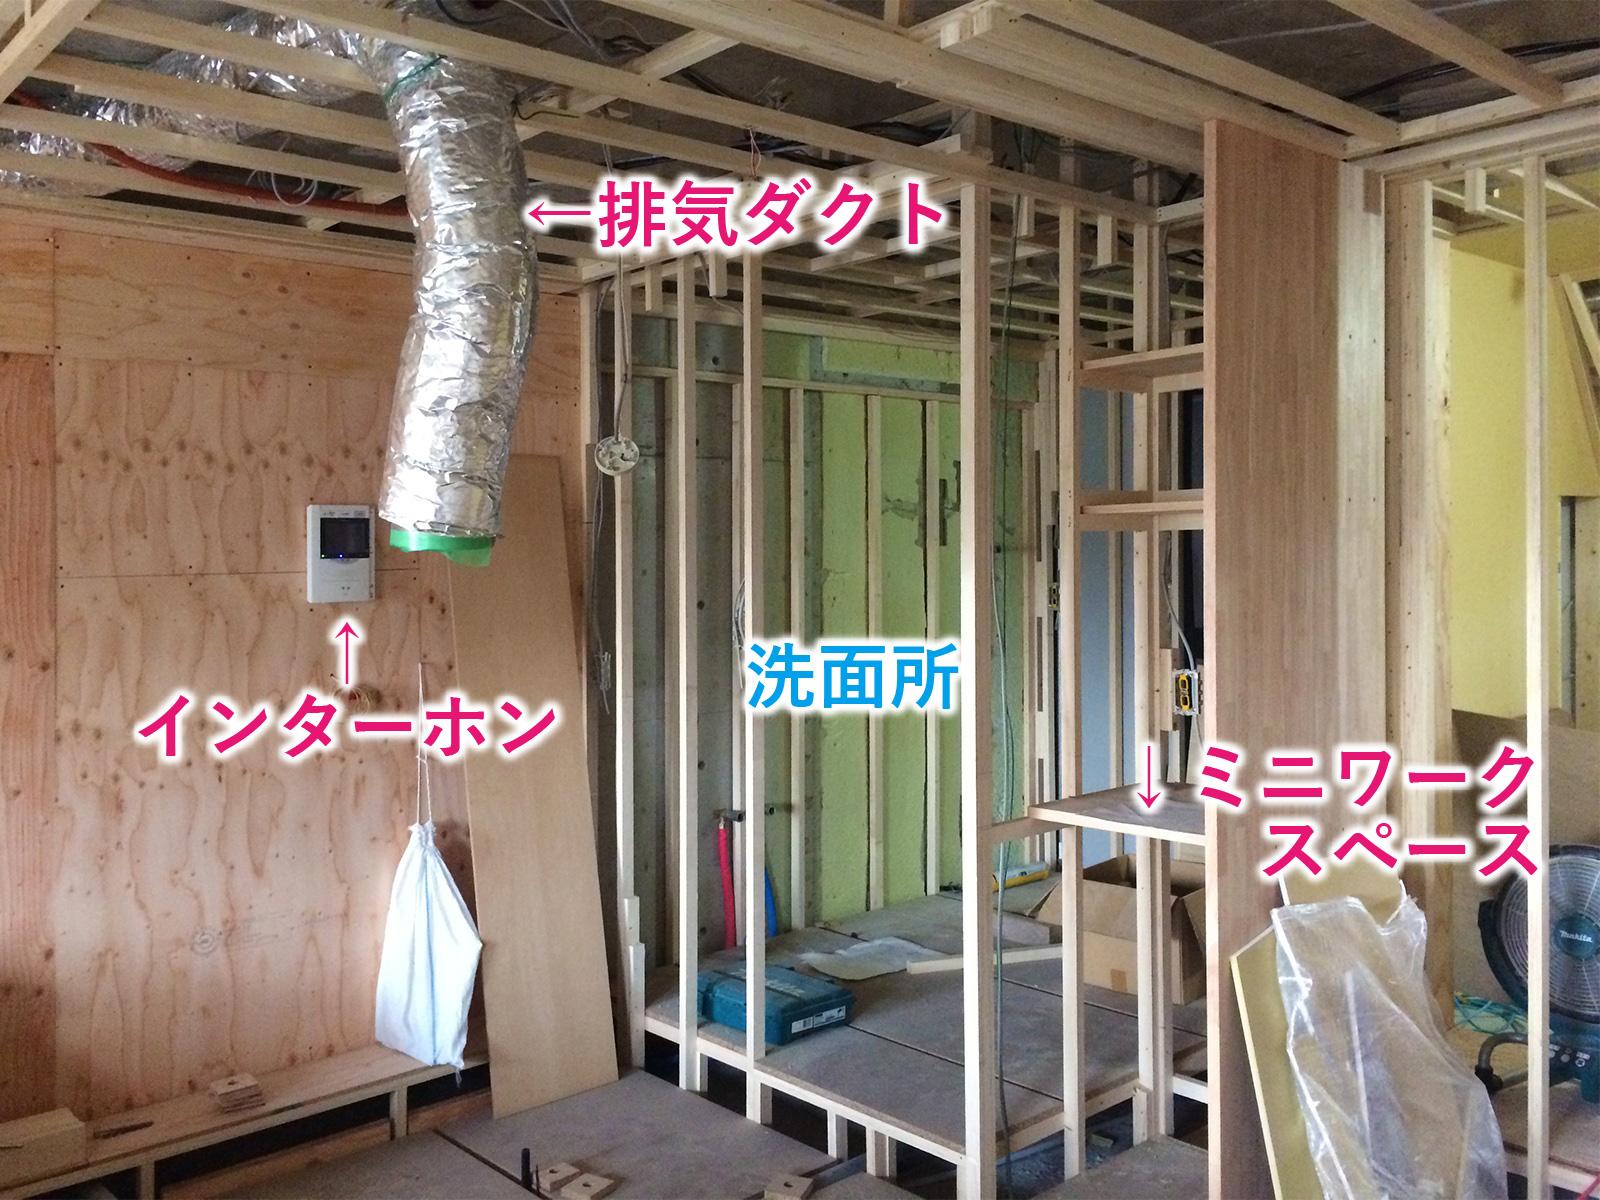 なかもずマンションのリノベーション(キッチン)